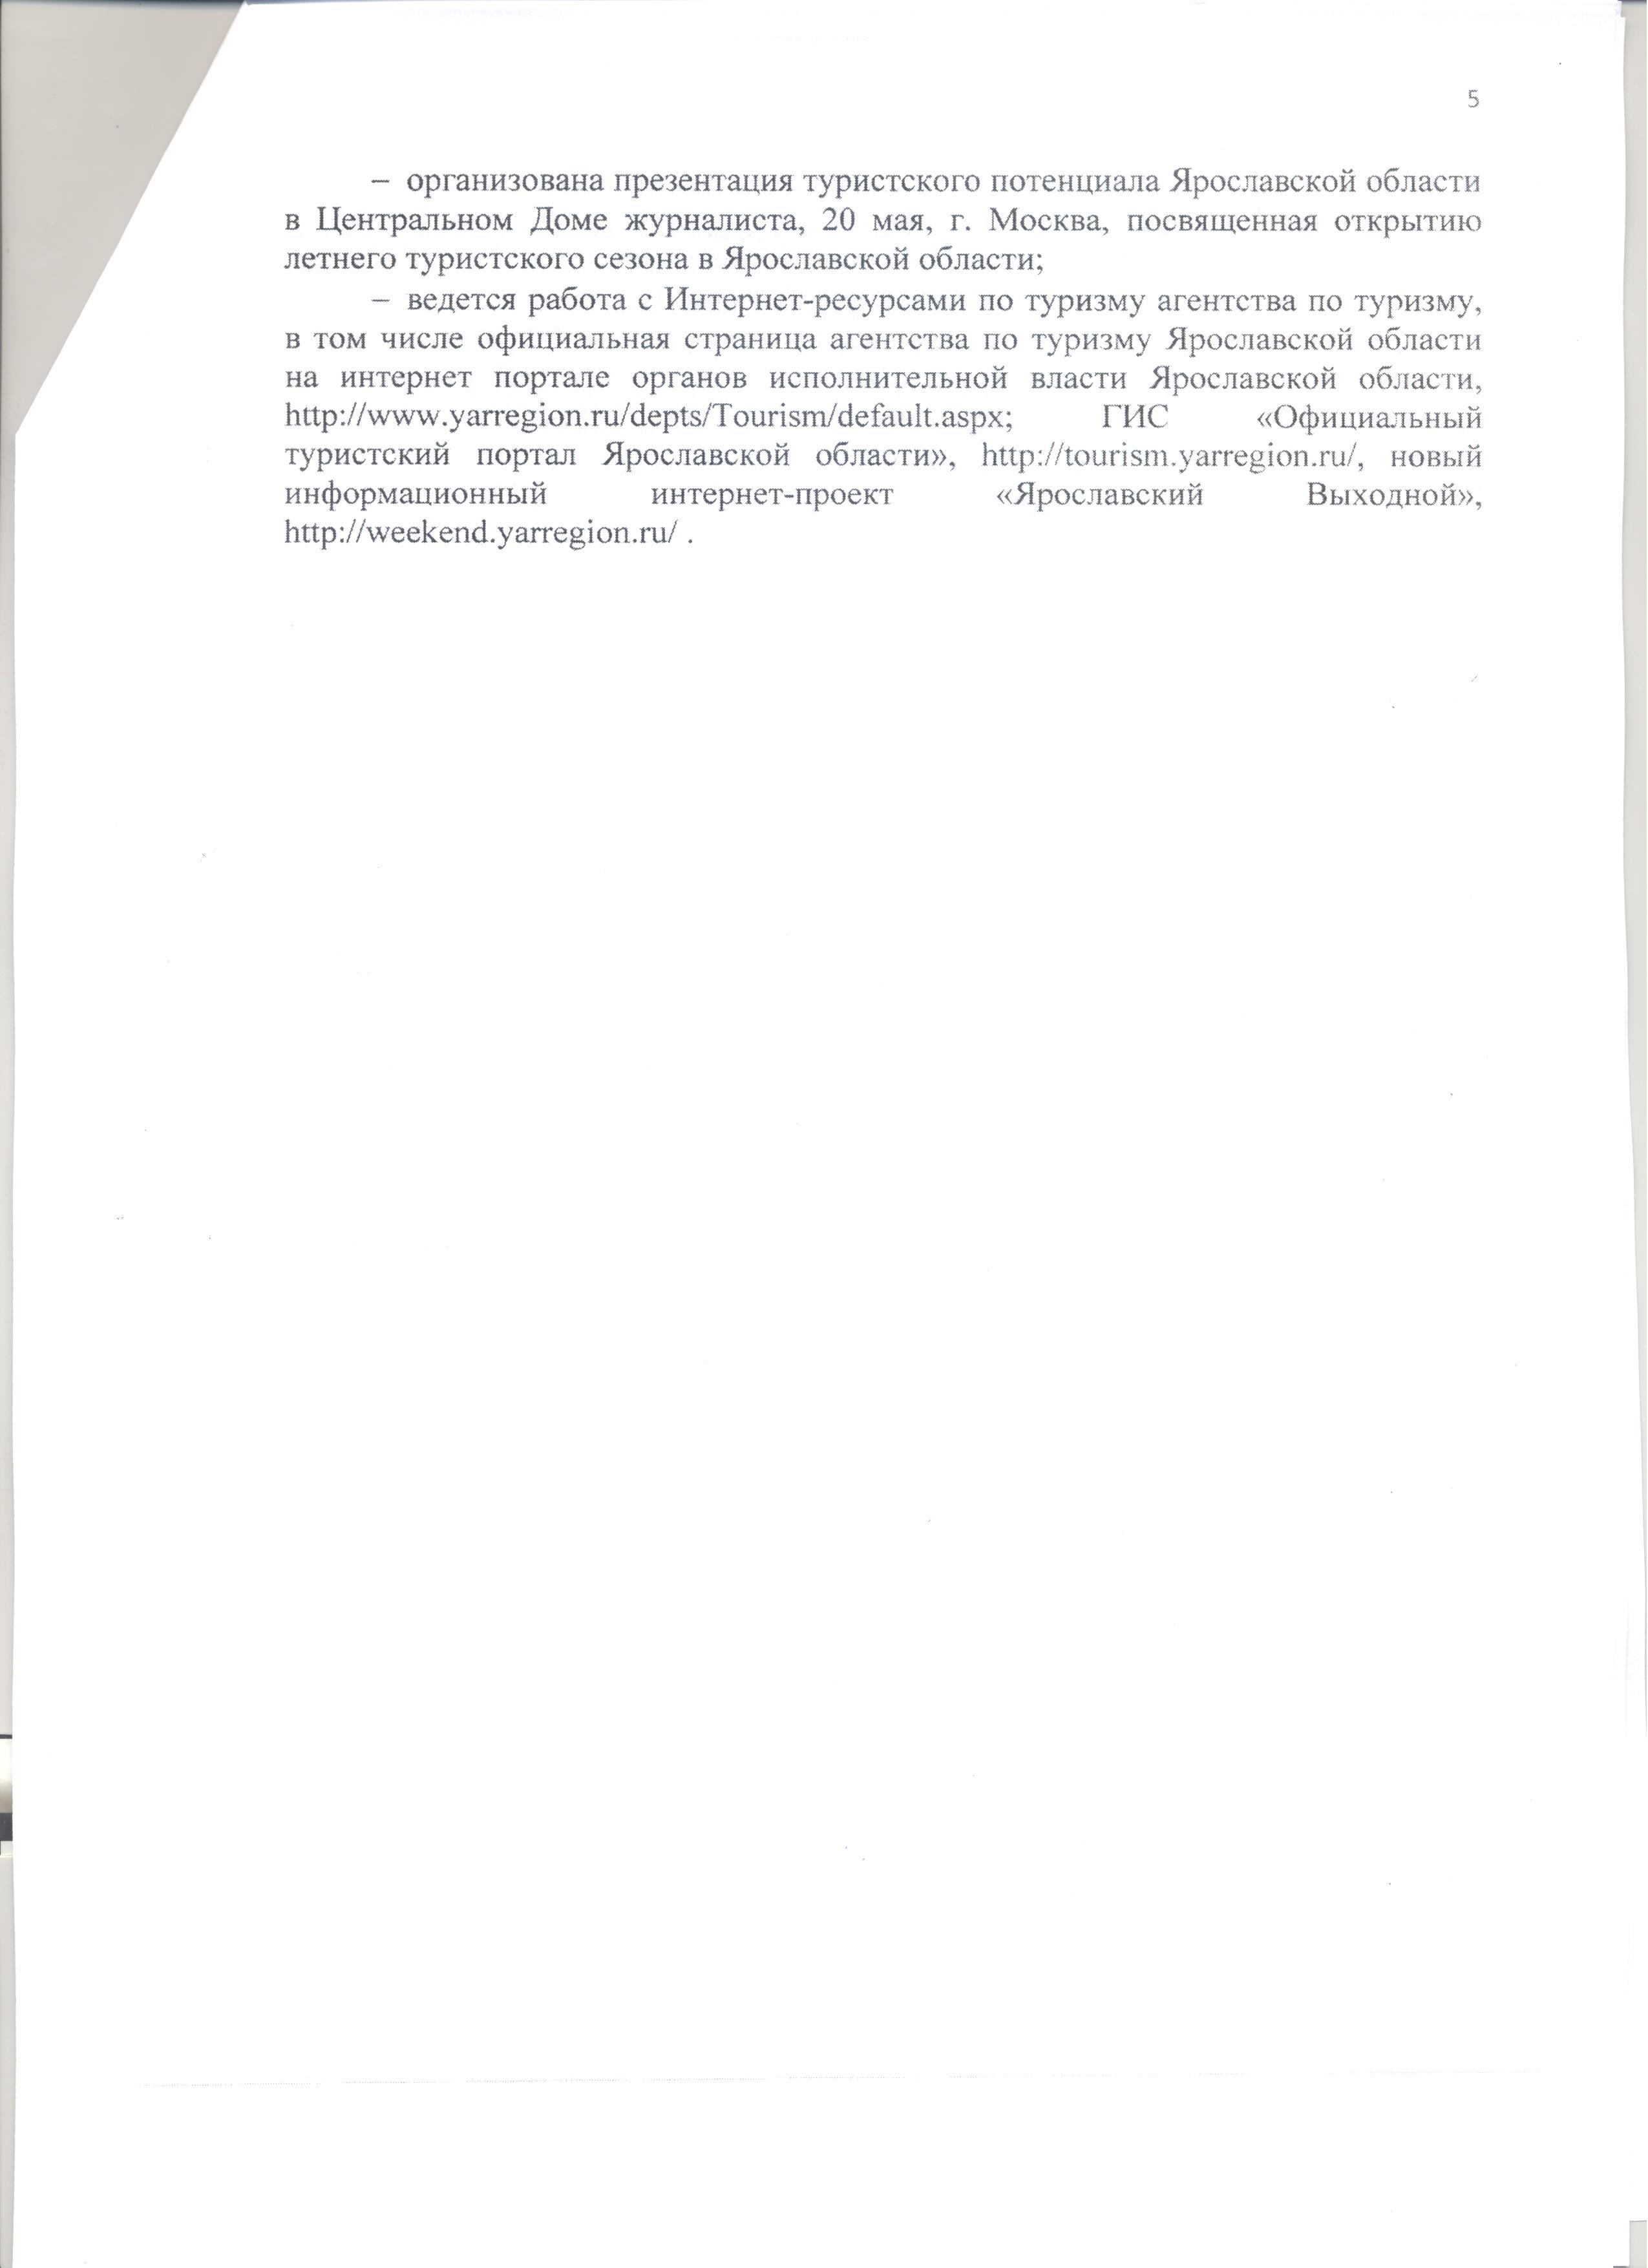 Ответ Ярославской Обл.6